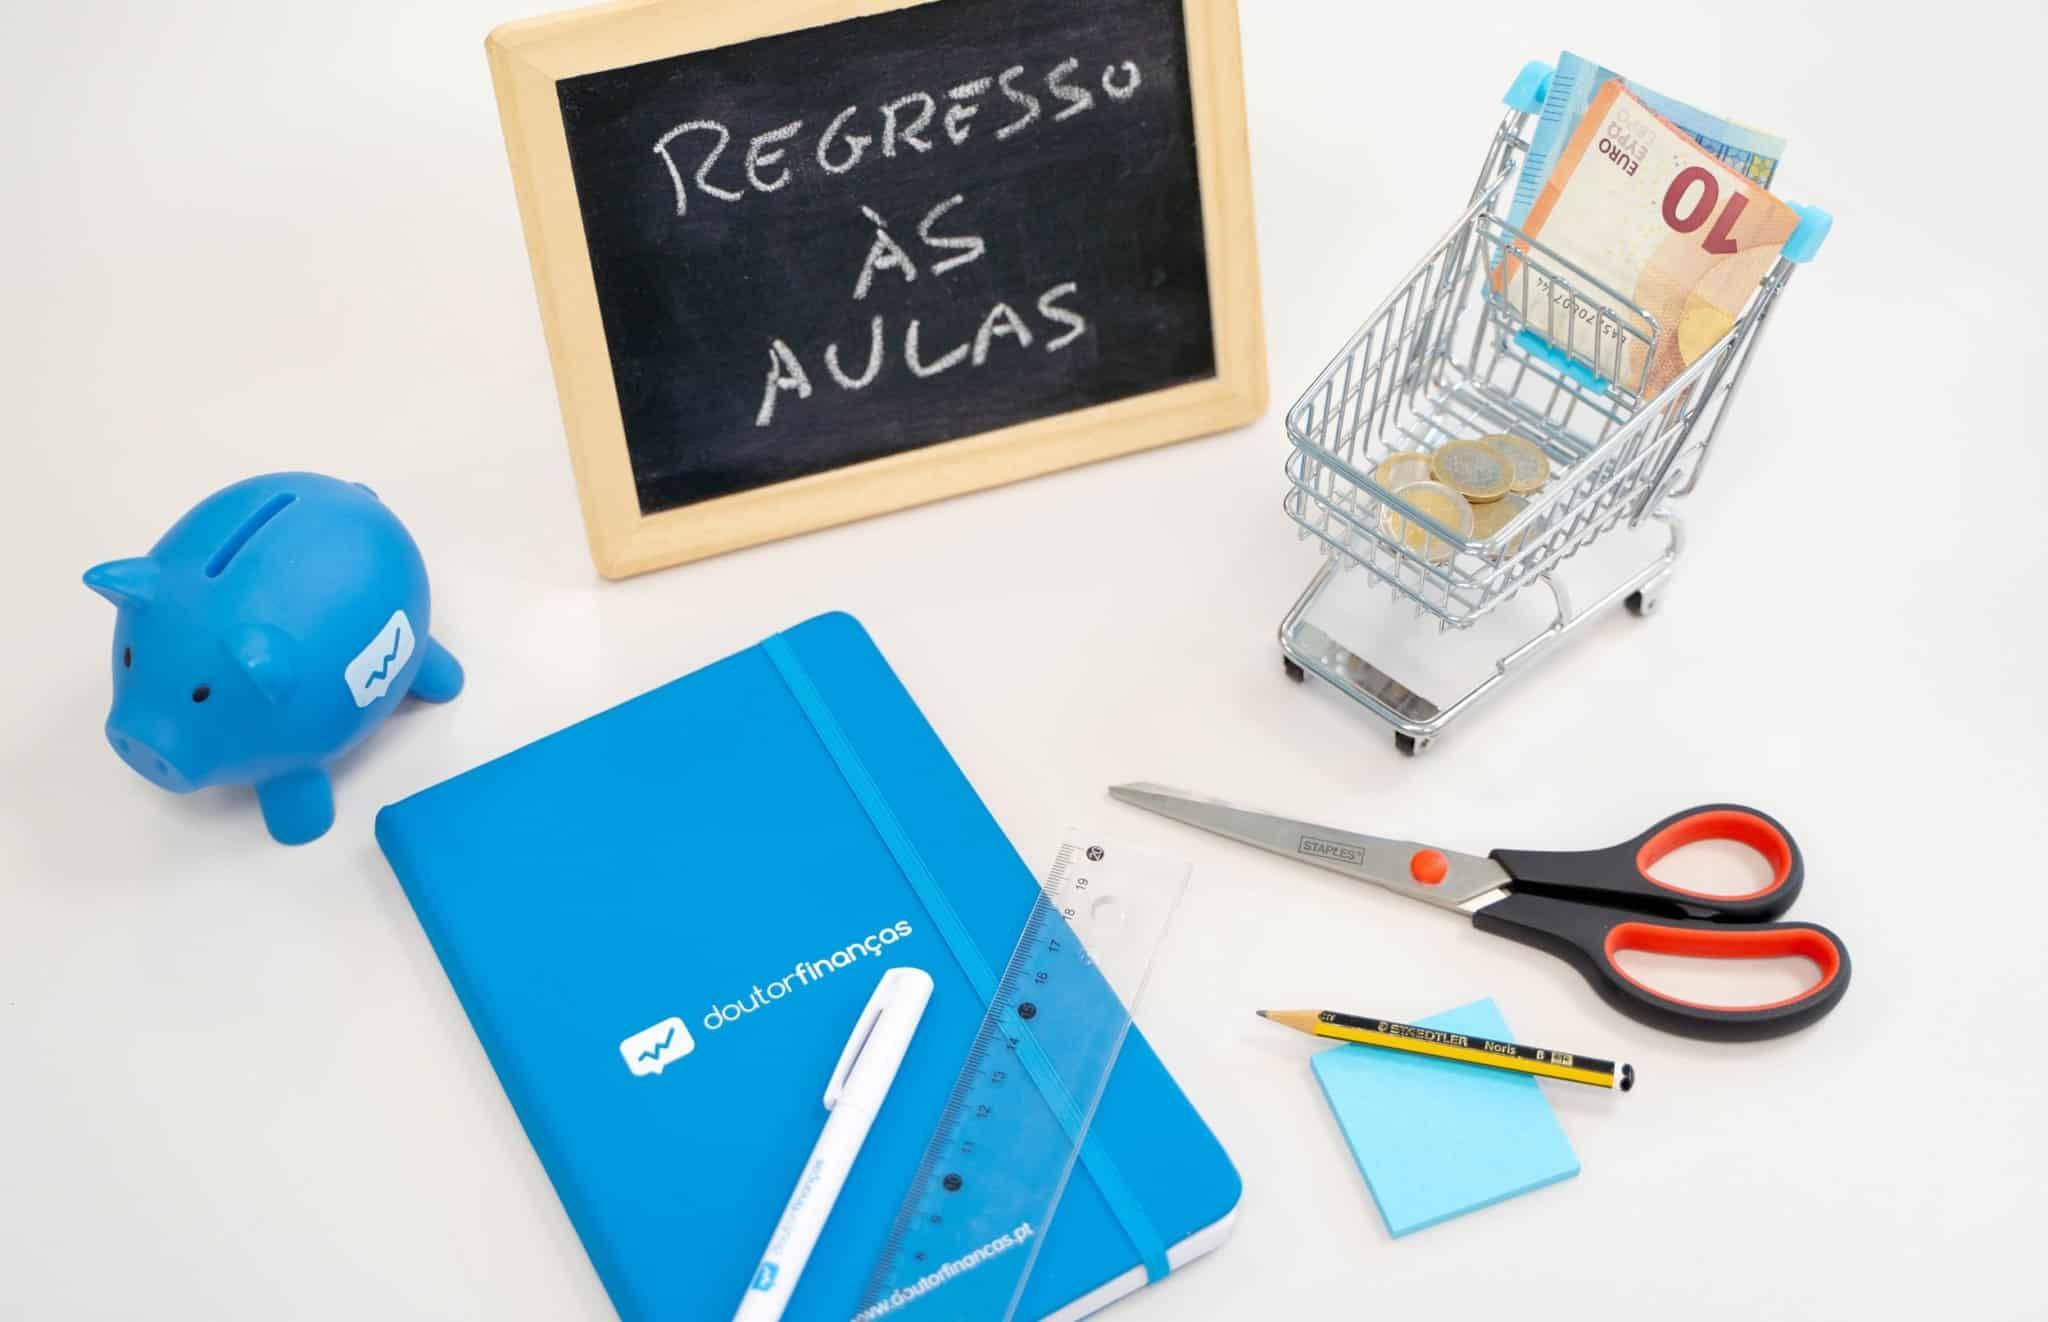 Material escolar (caderno, caneta, lápis, tesoura) para o regresso às aulas